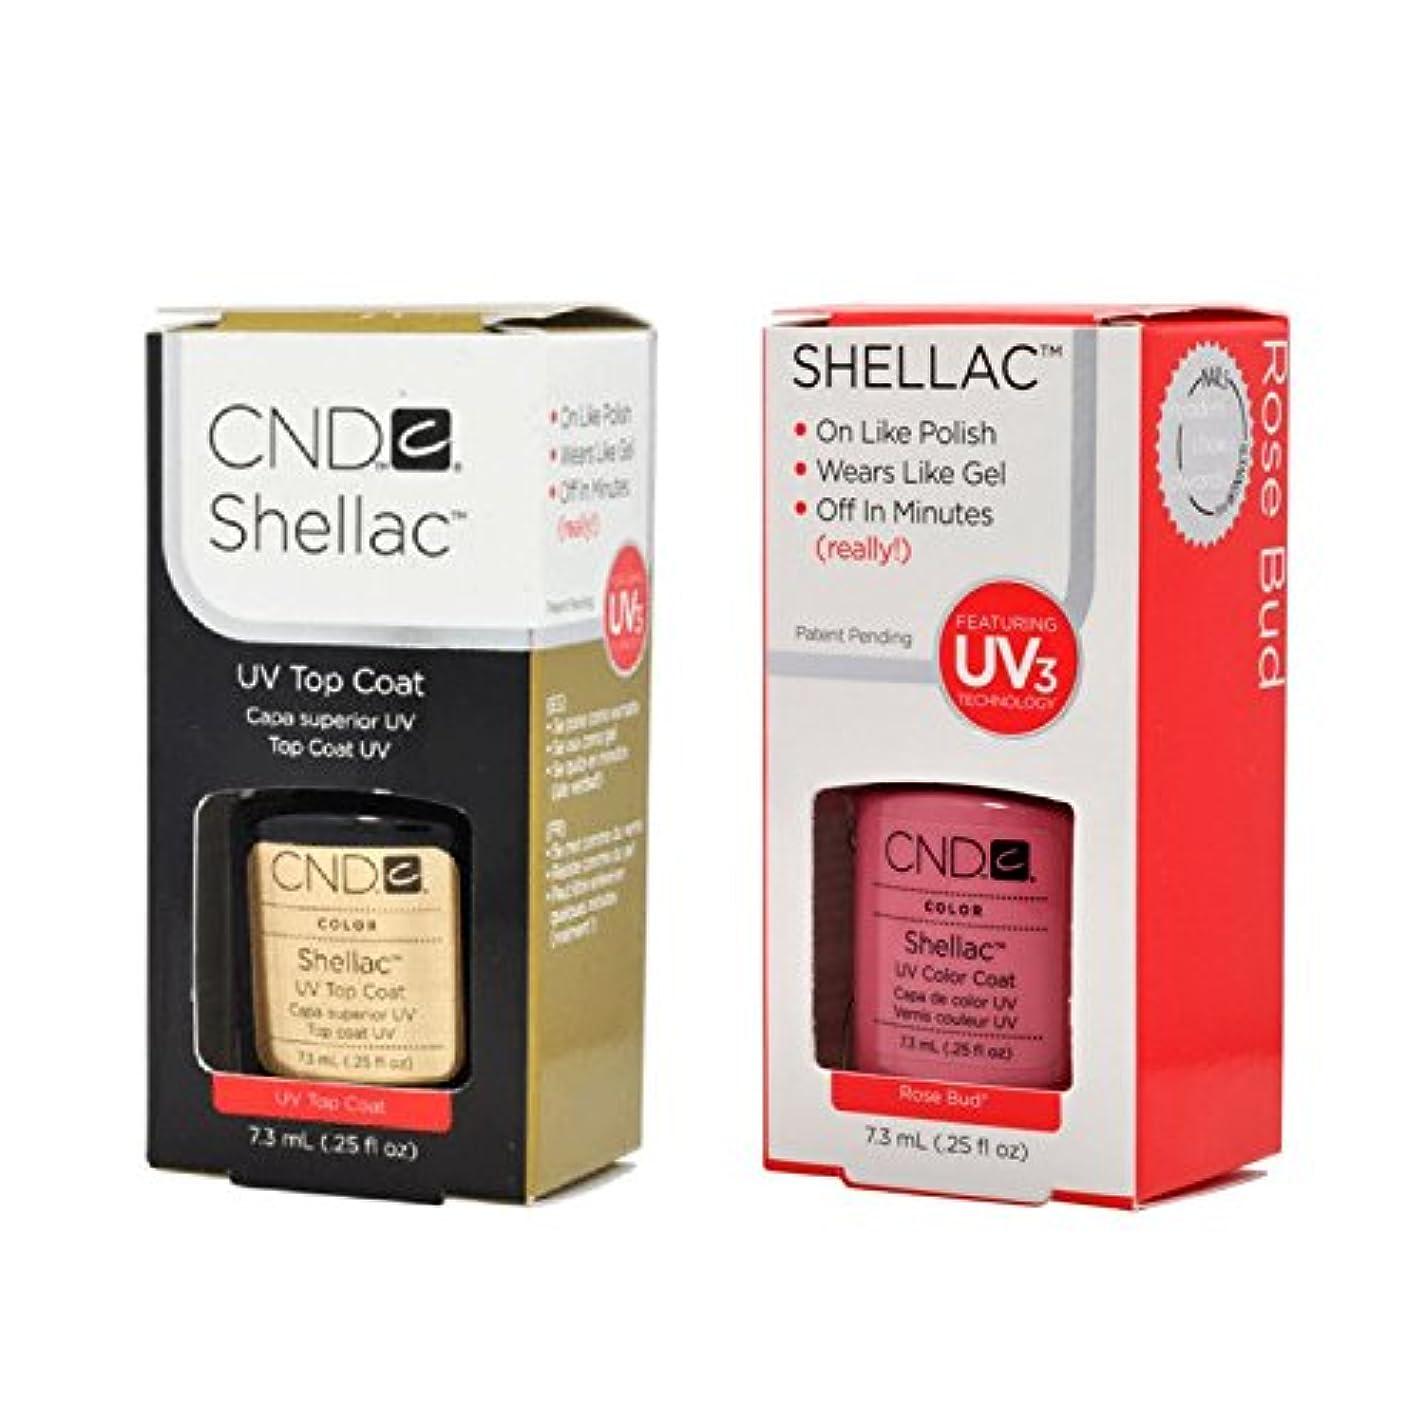 クール時々首CND Shellac UVトップコート 7.3m l  &  UV カラーコー< Rose Bud>7.3ml [海外直送品]